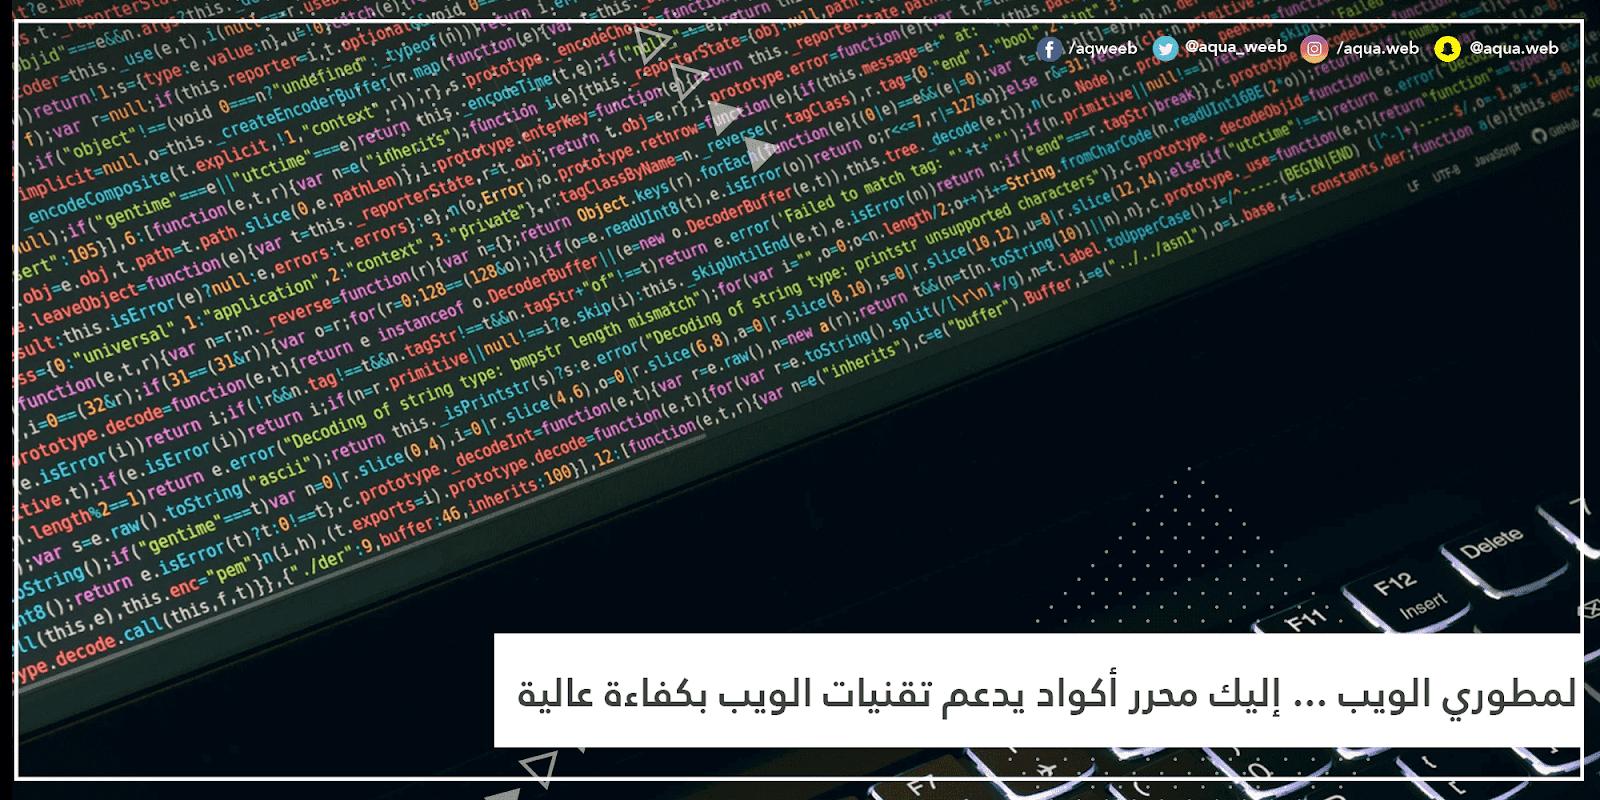 لمطوري الويب ... إليك محرر أكواد يدعم تقنيات الويب بكفاءة عالية